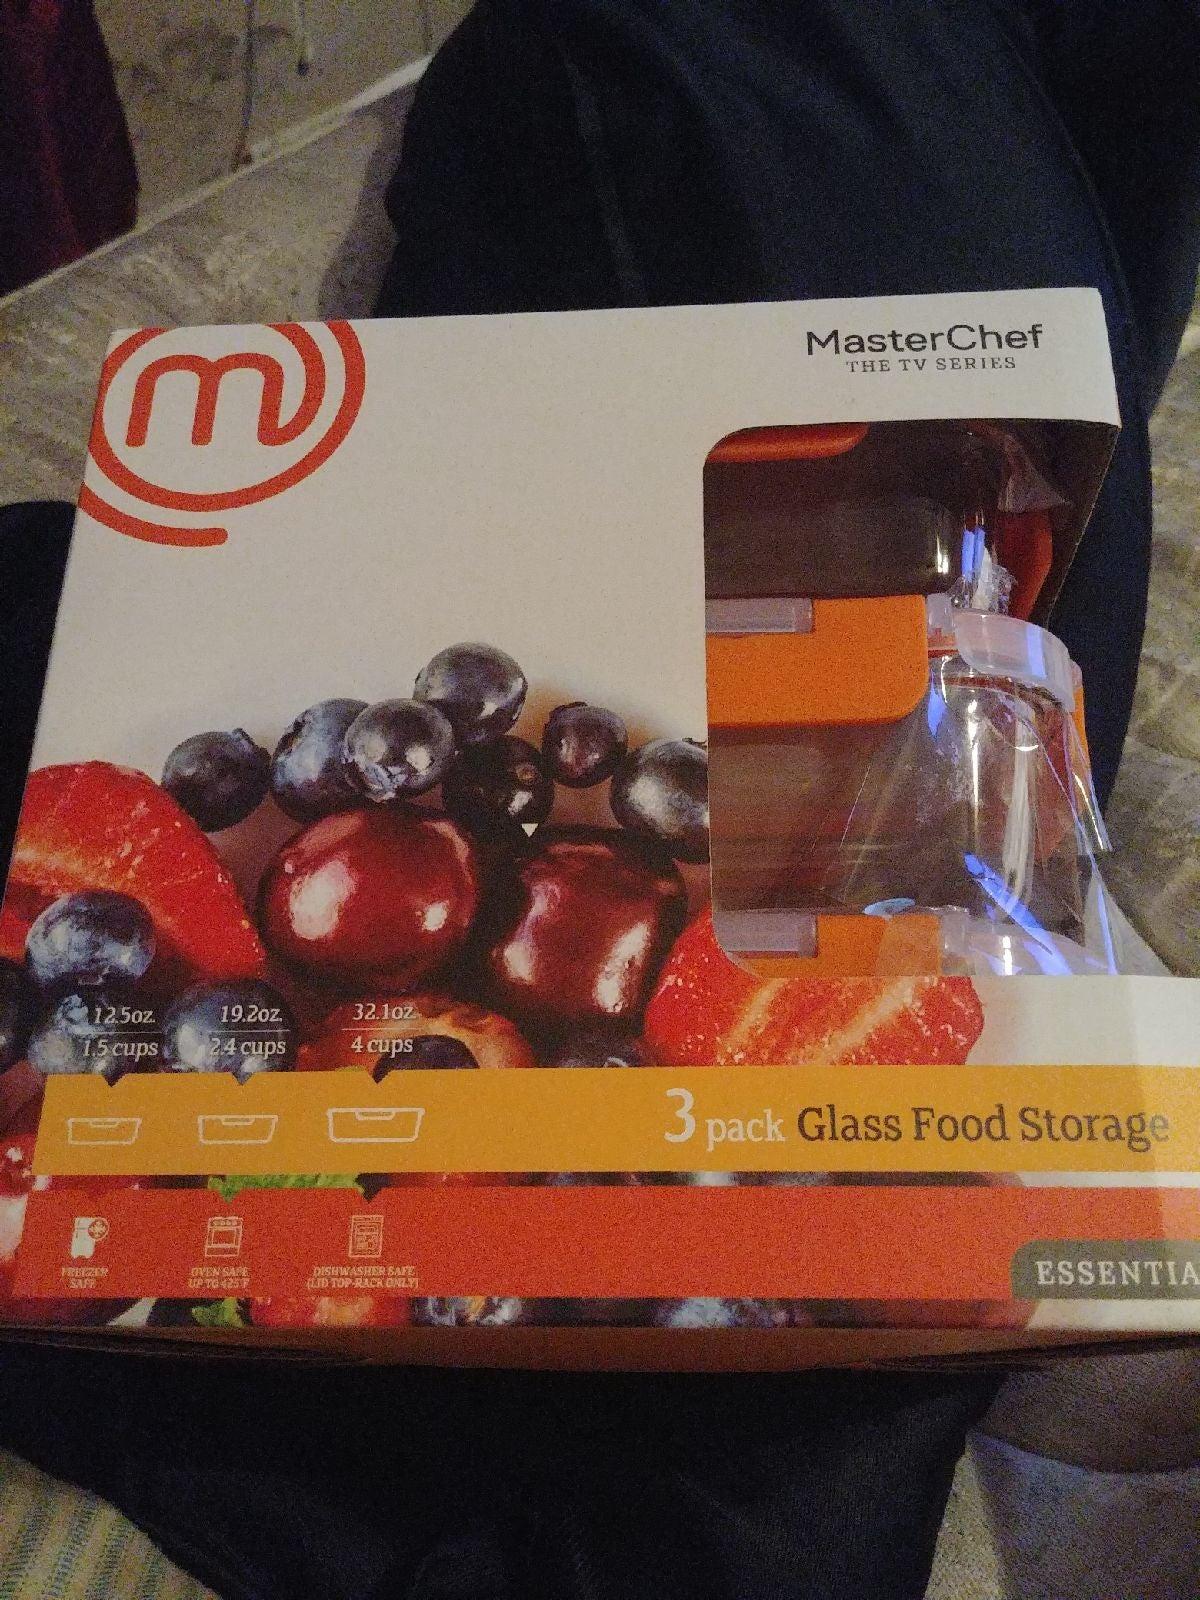 MasterChef 3 Pack Glass Food Storage